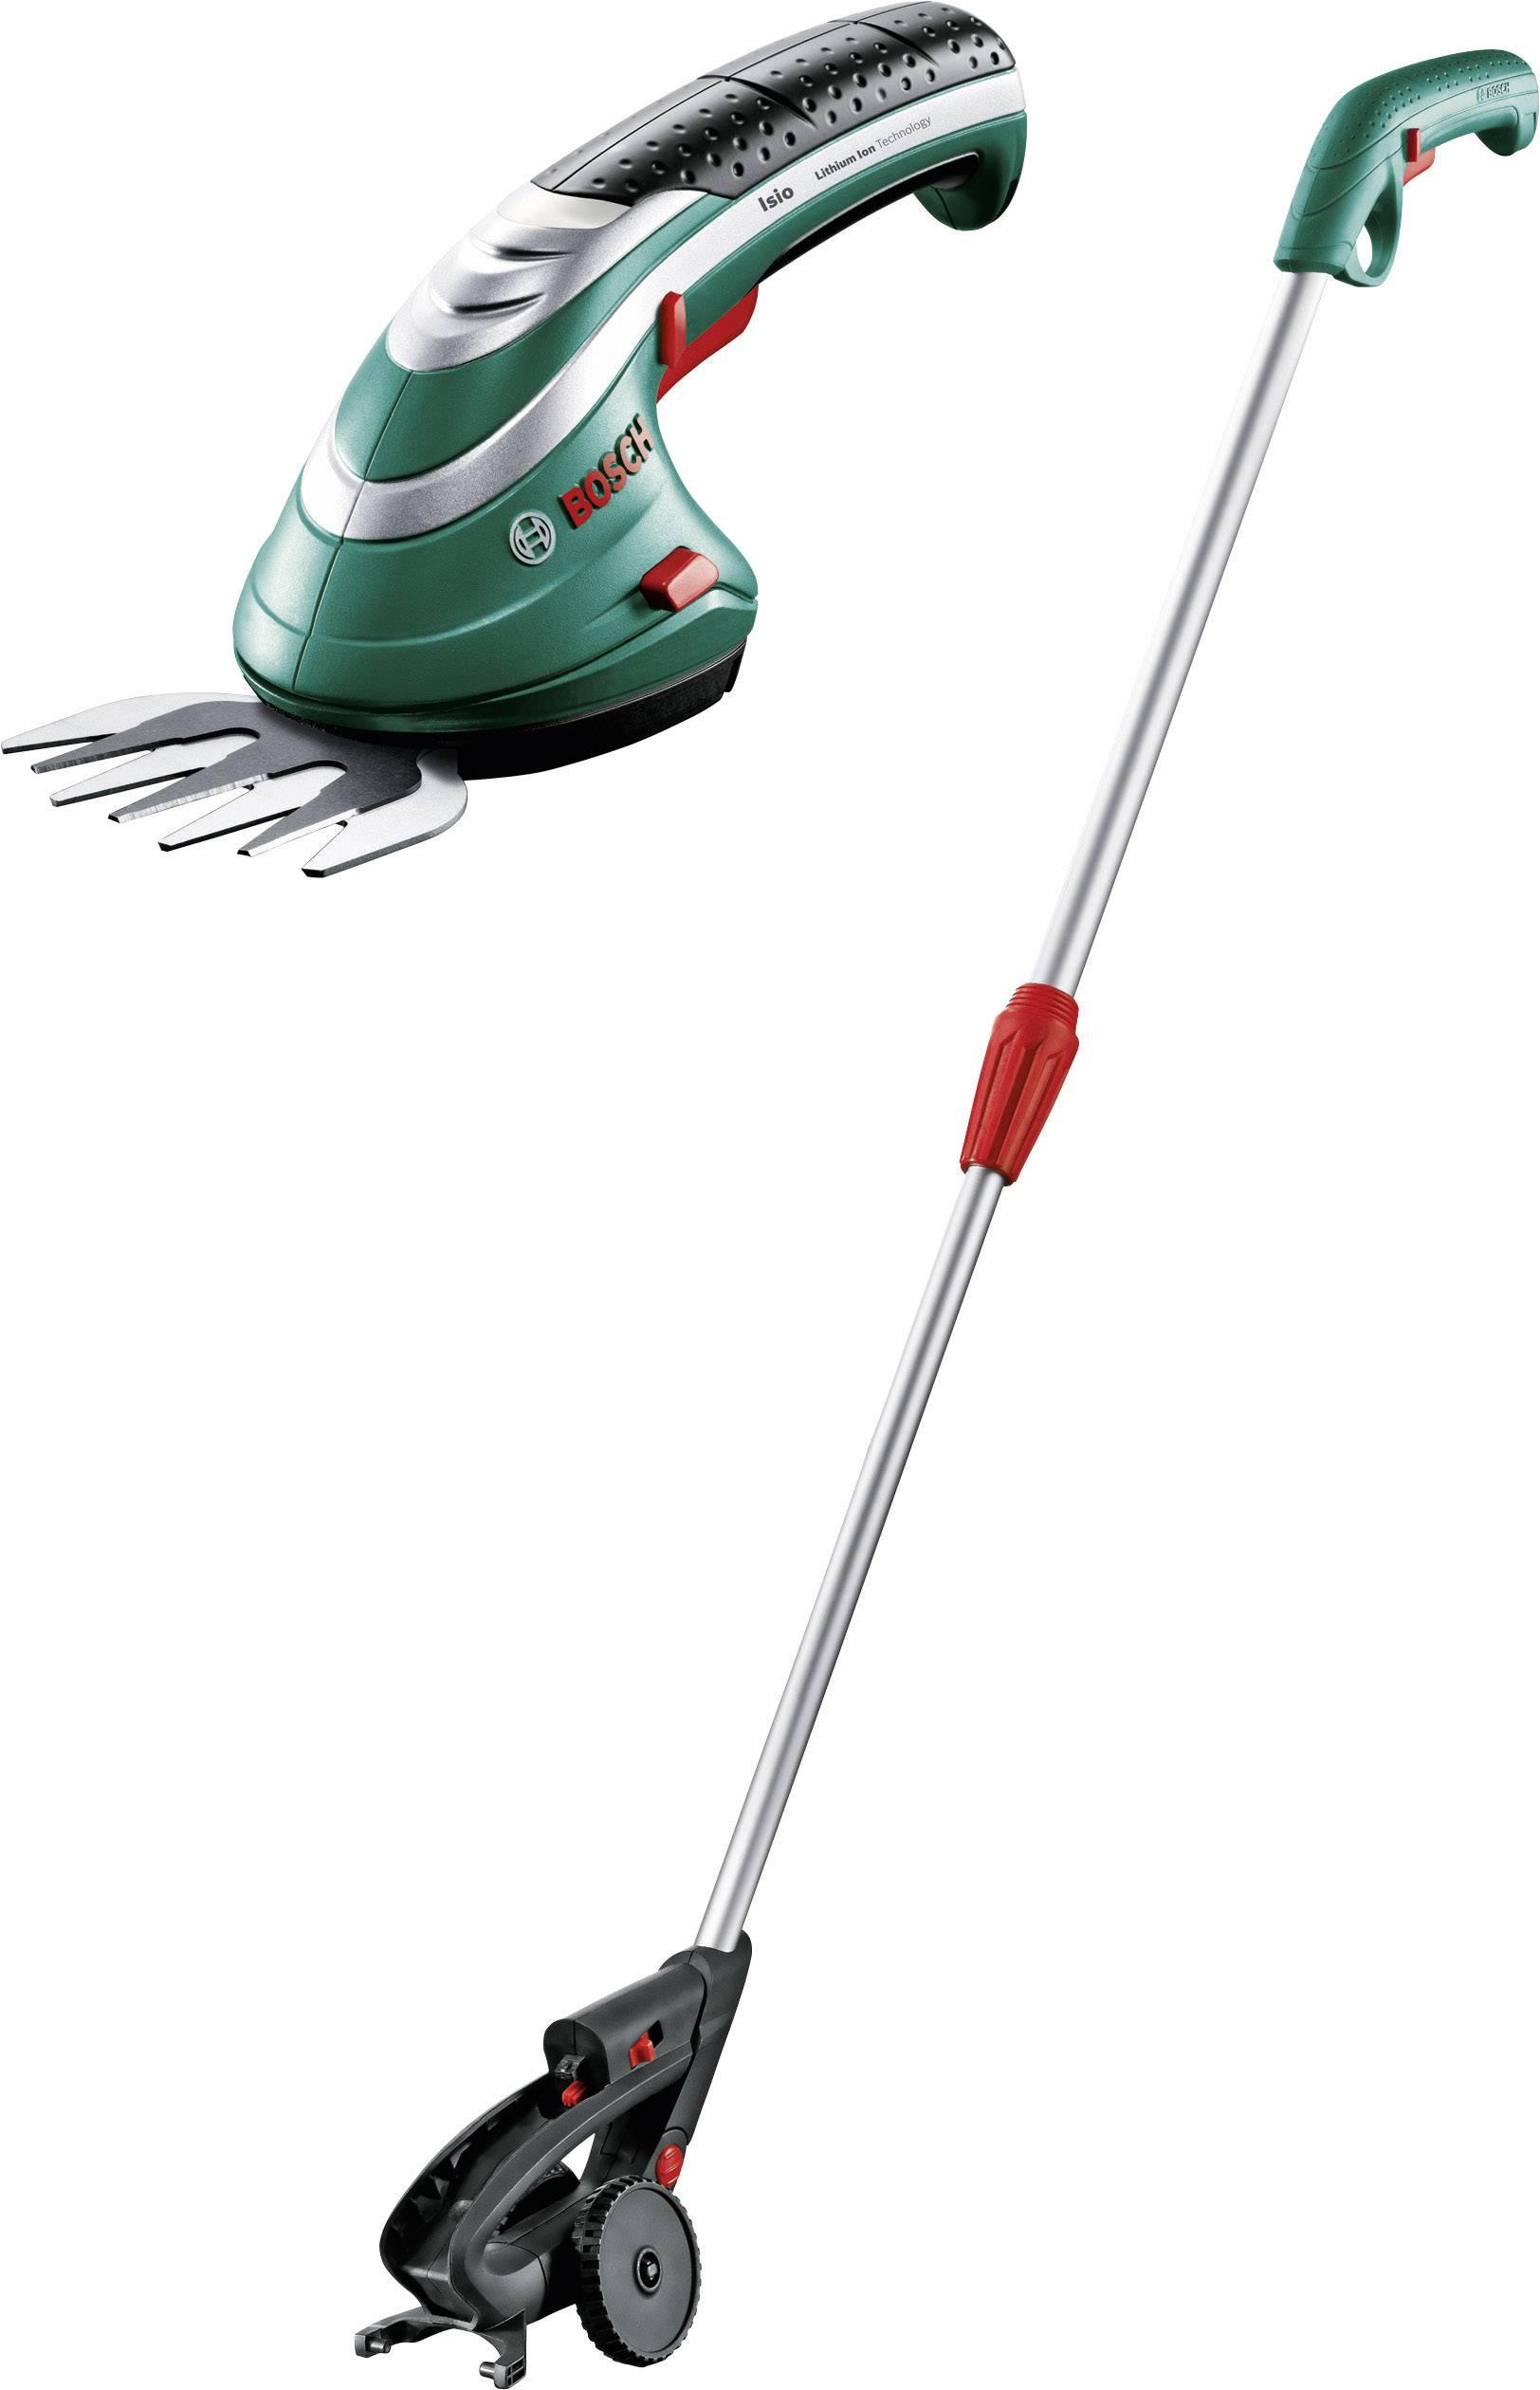 Akumulátorová teleskopické nůžky na trávu + akumulátor 3.6 V Li-Ion akumulátor Bosch Home and Garden Isio